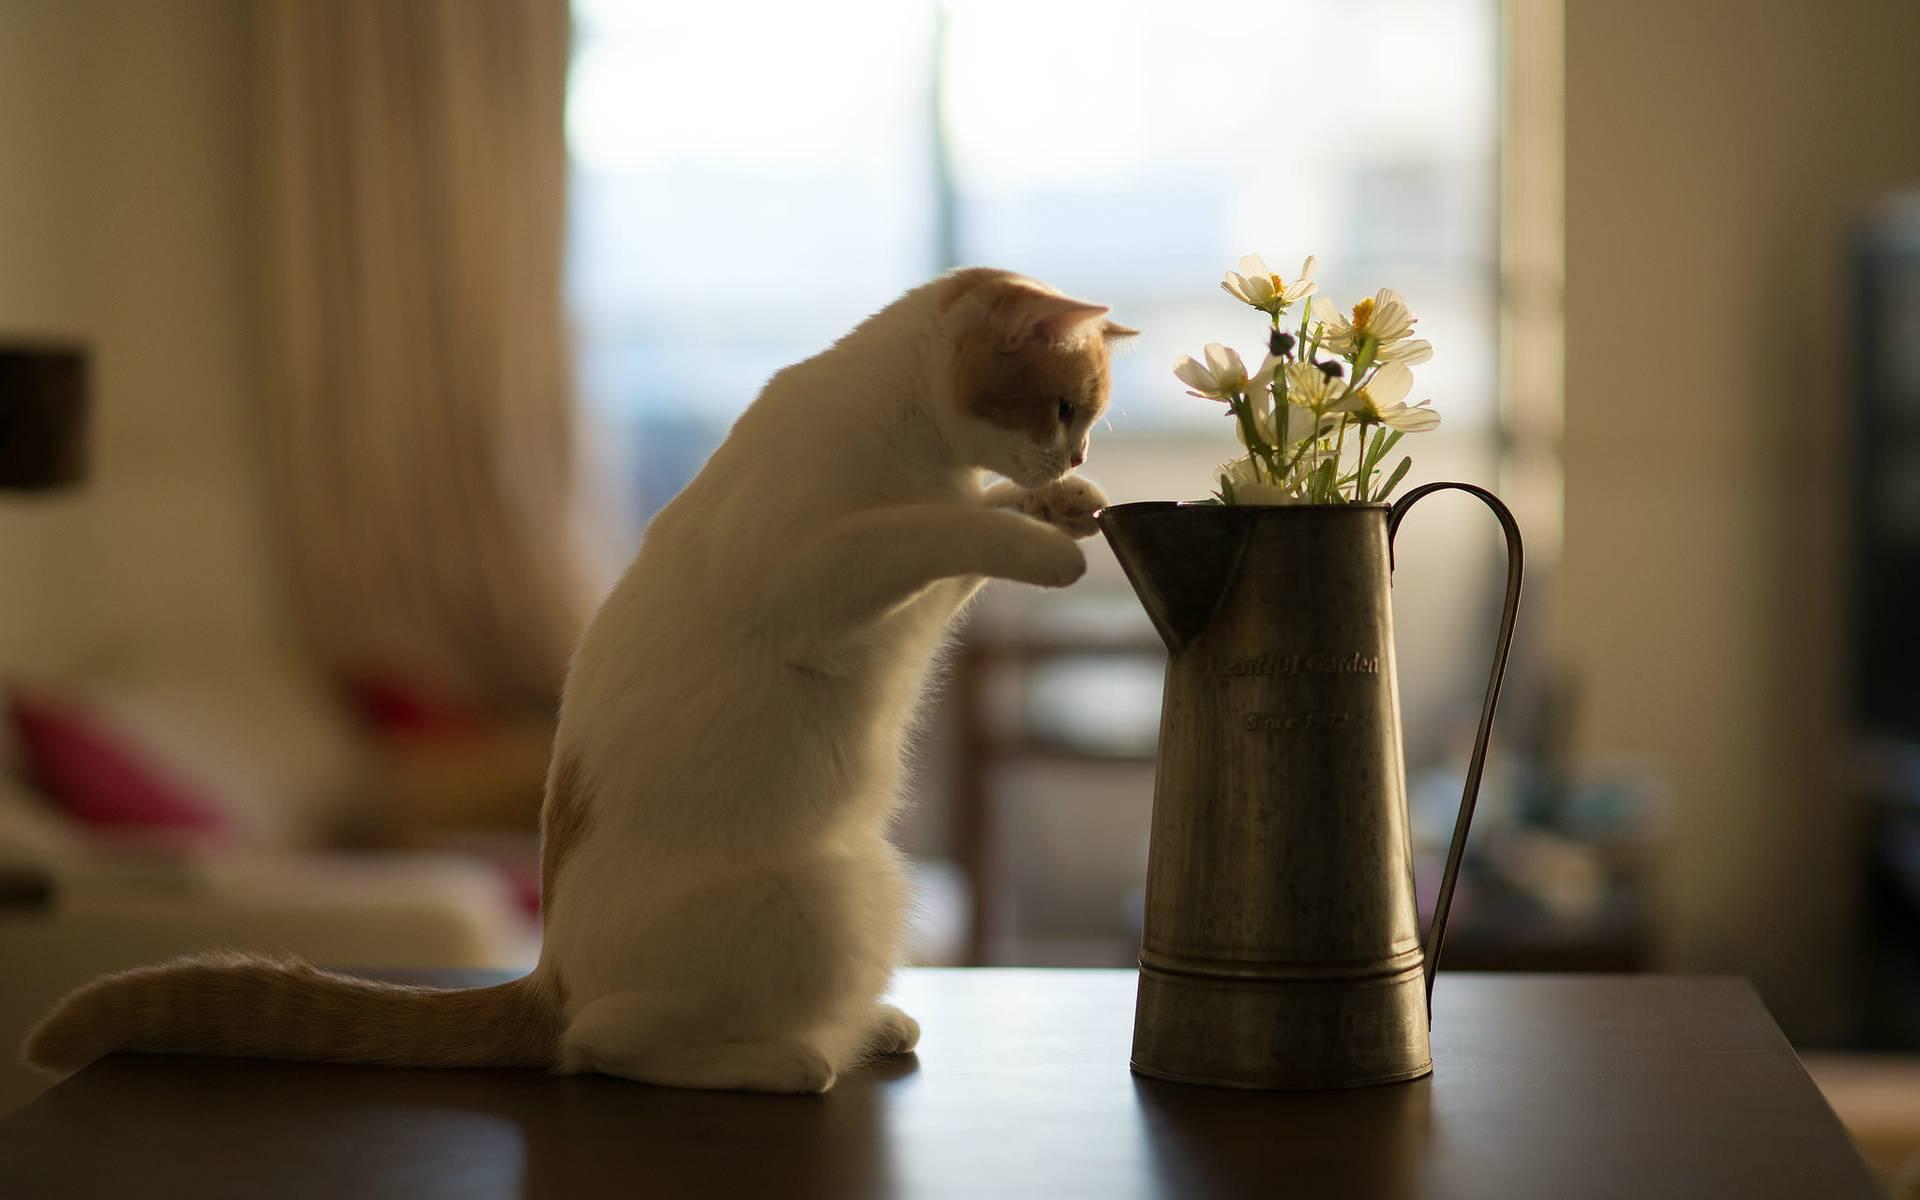 Способы отучить котов залезать и прыгать на стол: на кухонный и не только